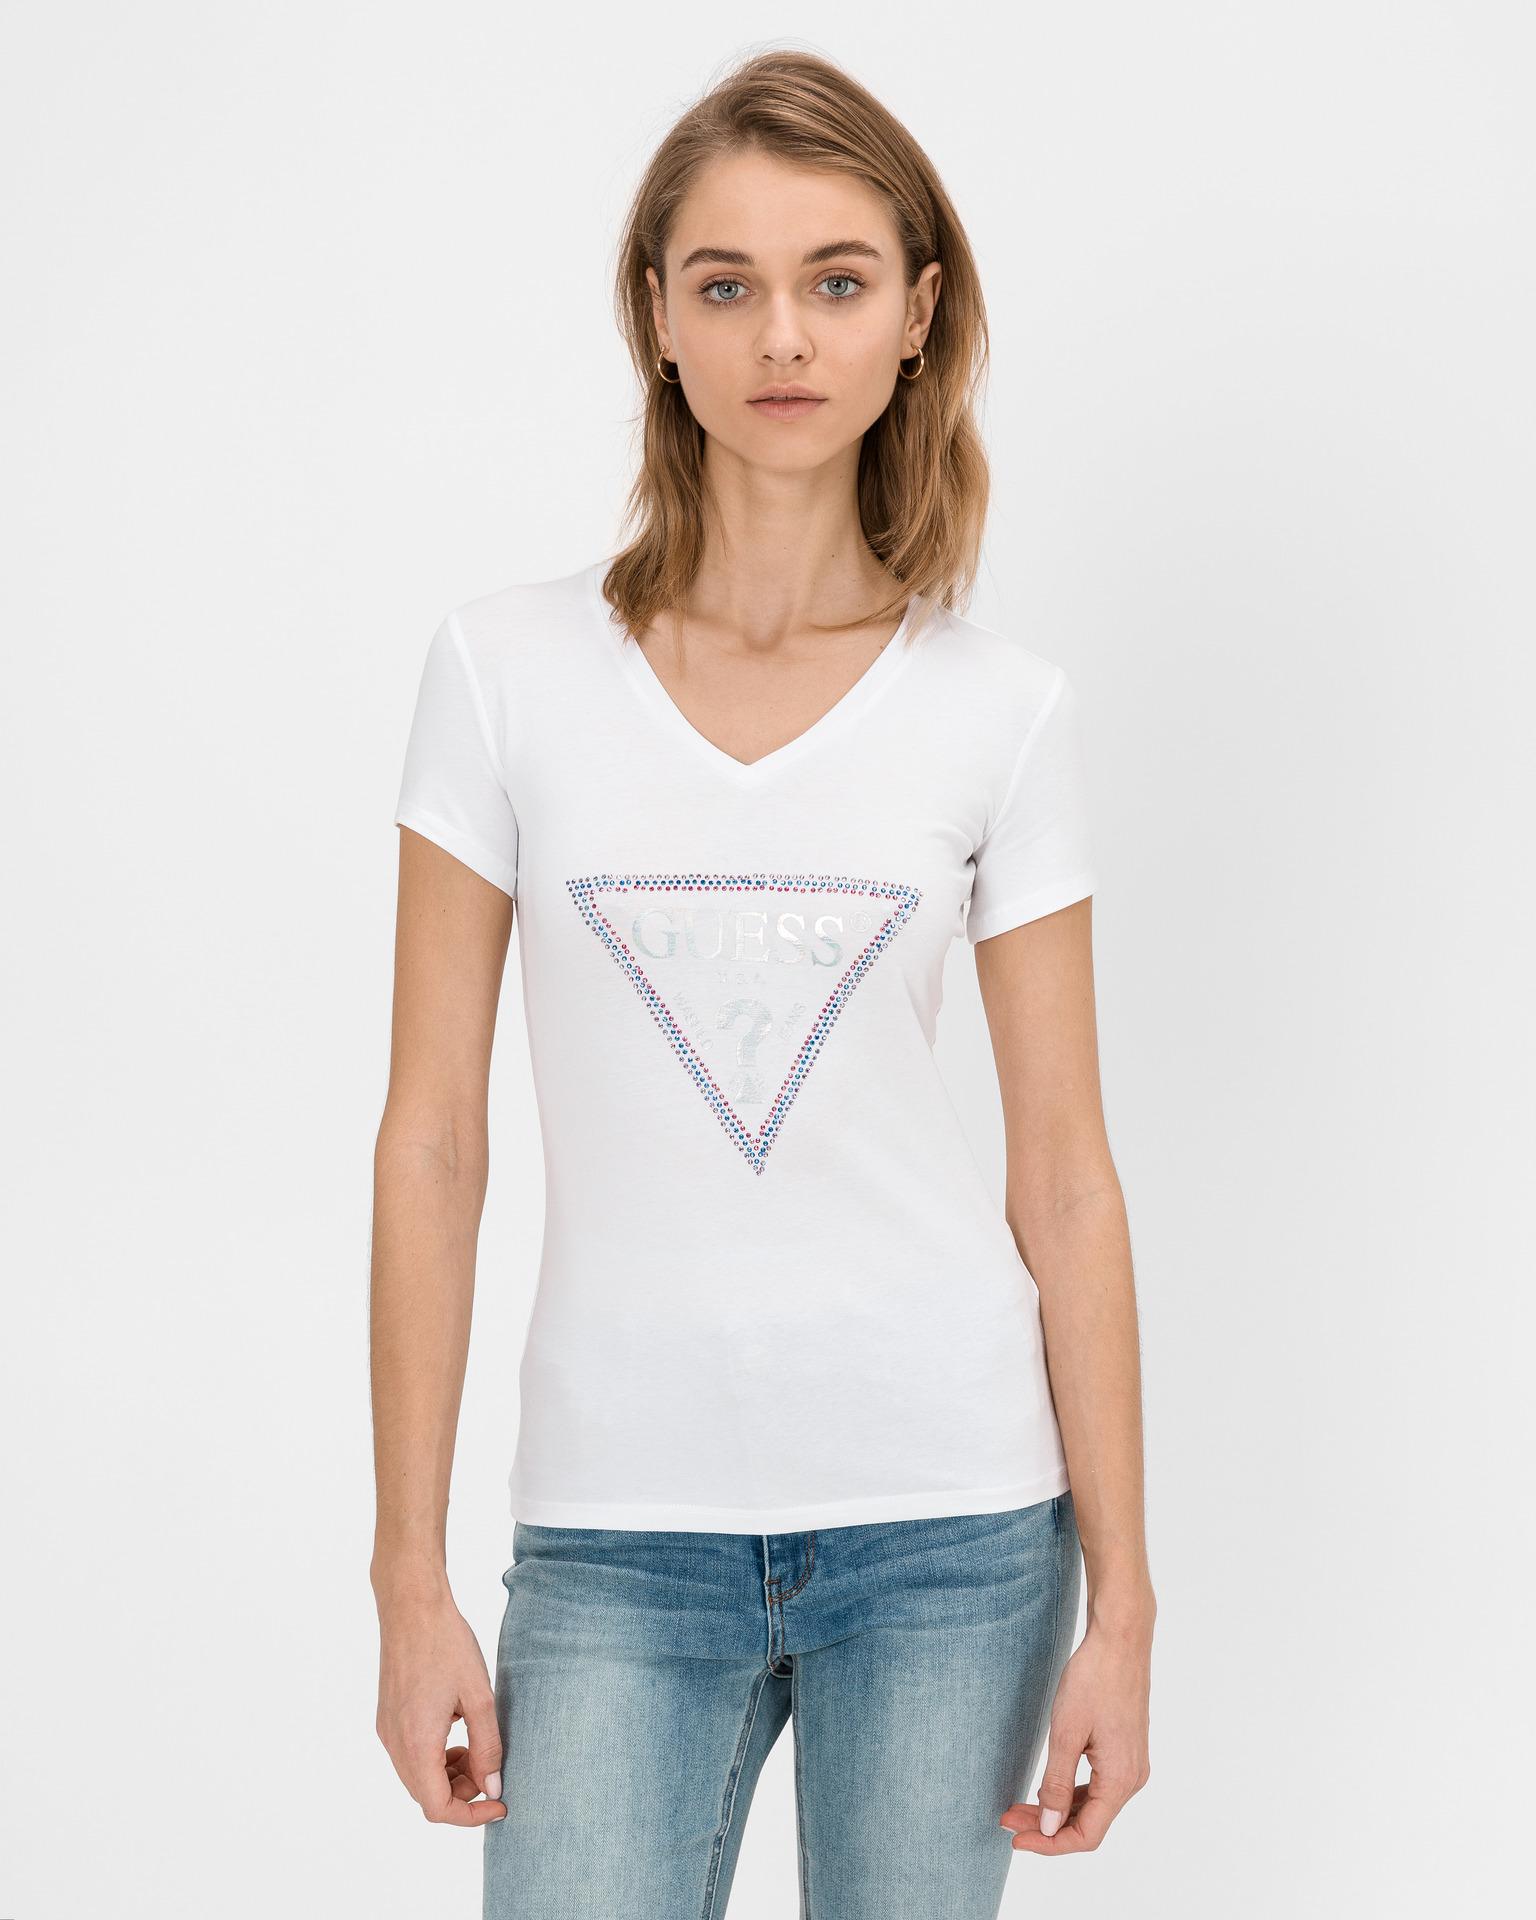 Guess Women's t-shirt white Triko